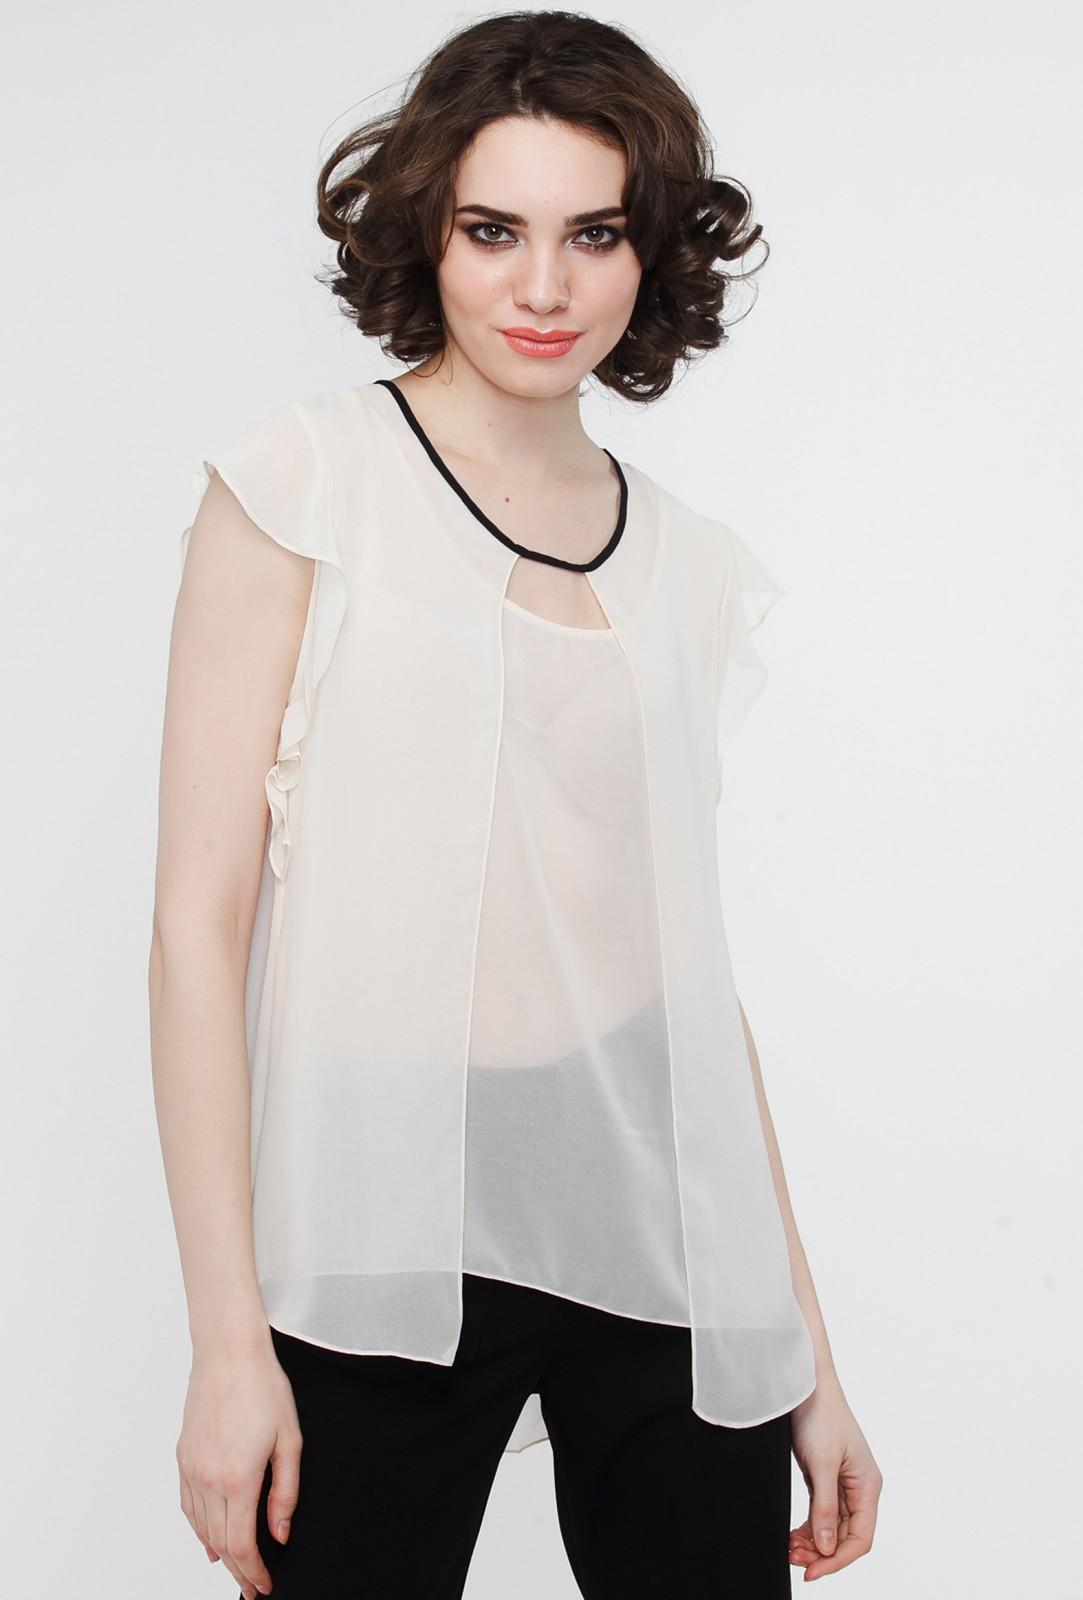 Блузки от дизайнеров с доставкой